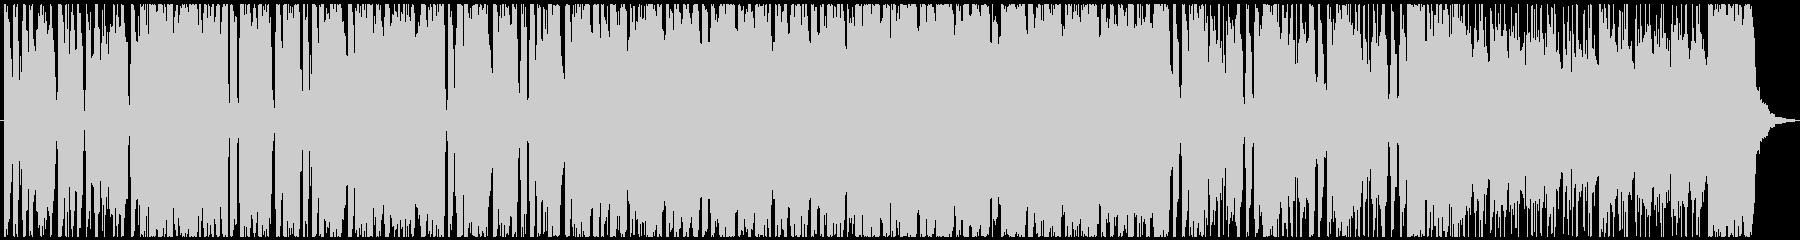 ポップ ロック 野生 燃焼 移動 ...の未再生の波形